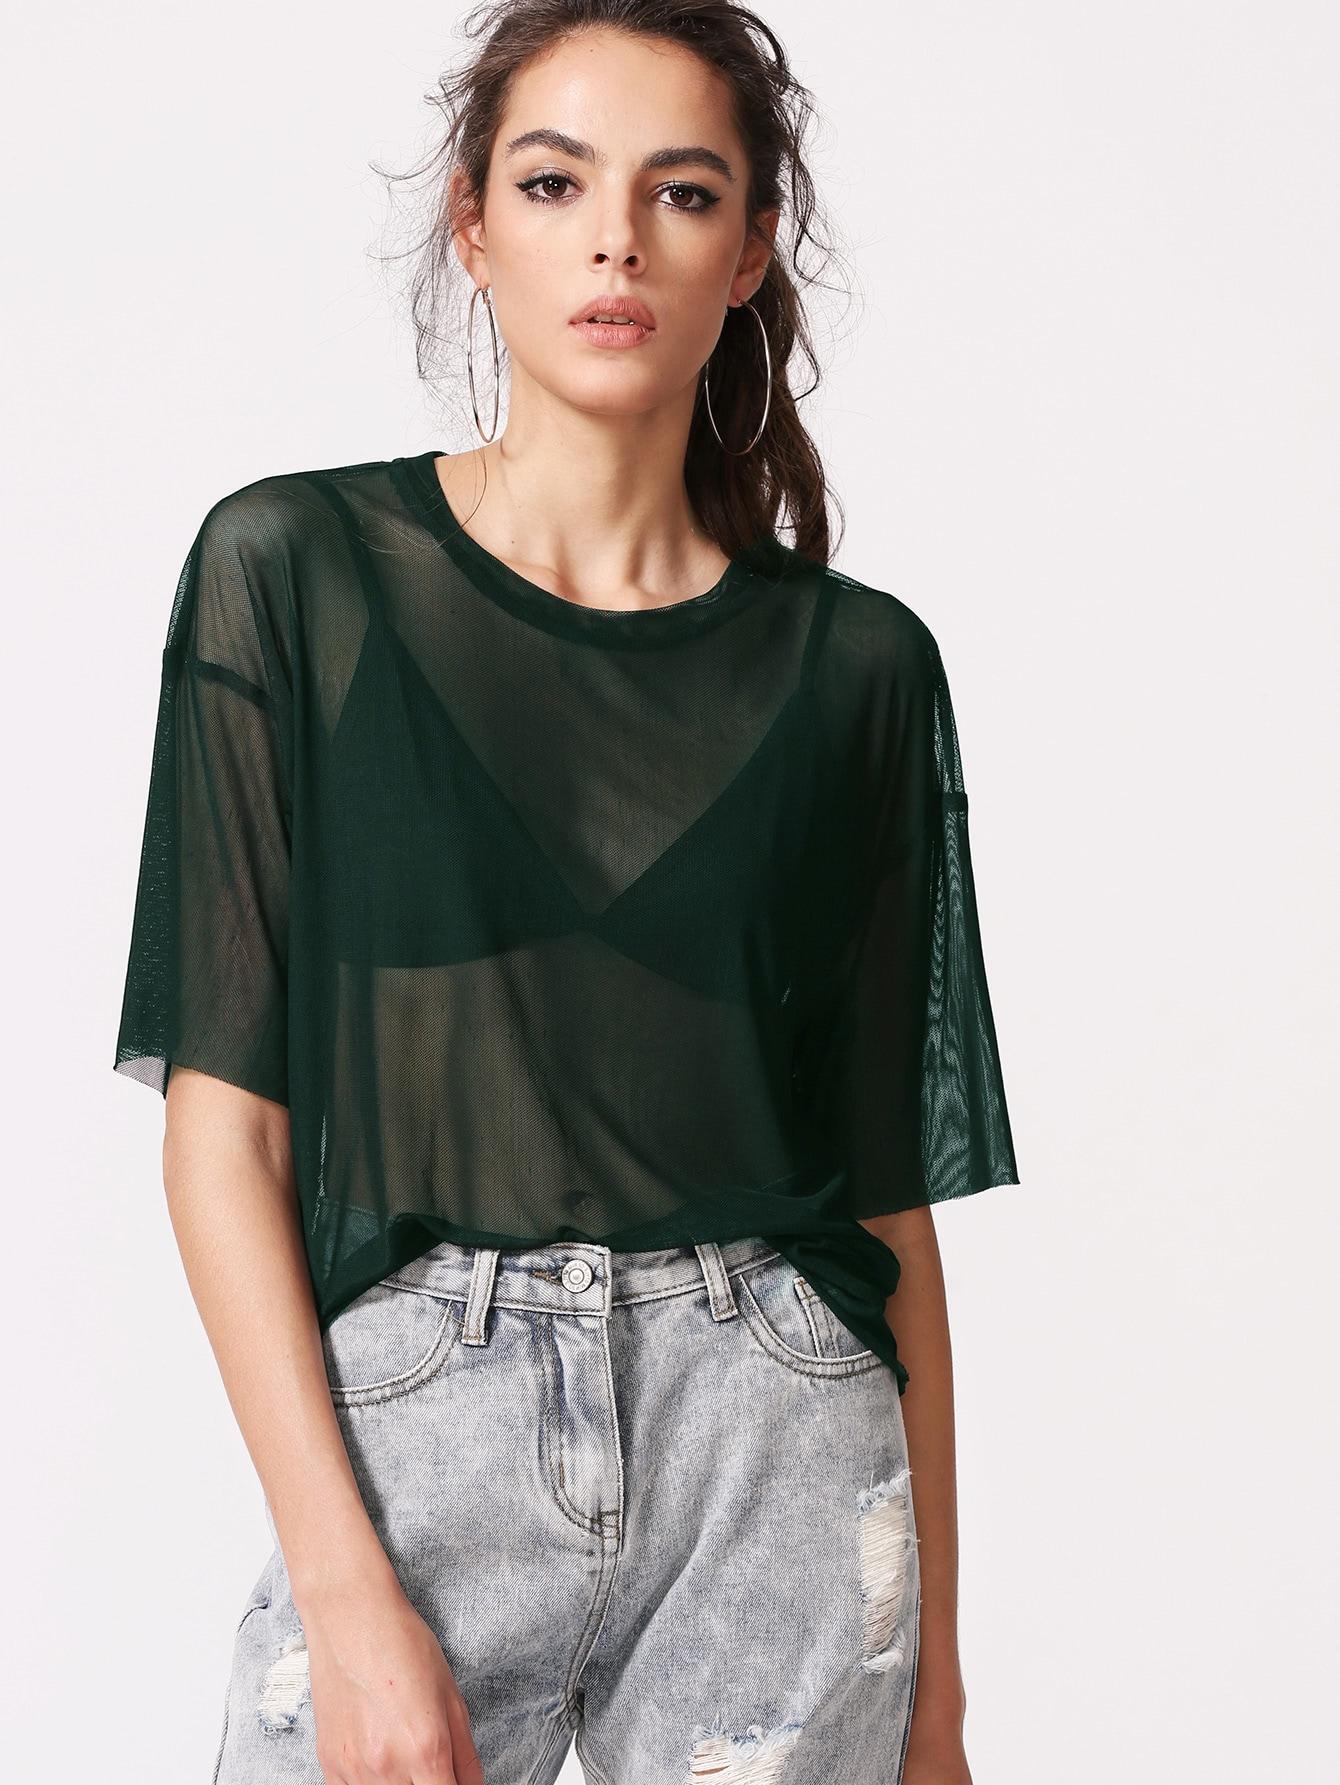 Bluse mit sehr tief angesetzter Schulterpartie und Netzstoff